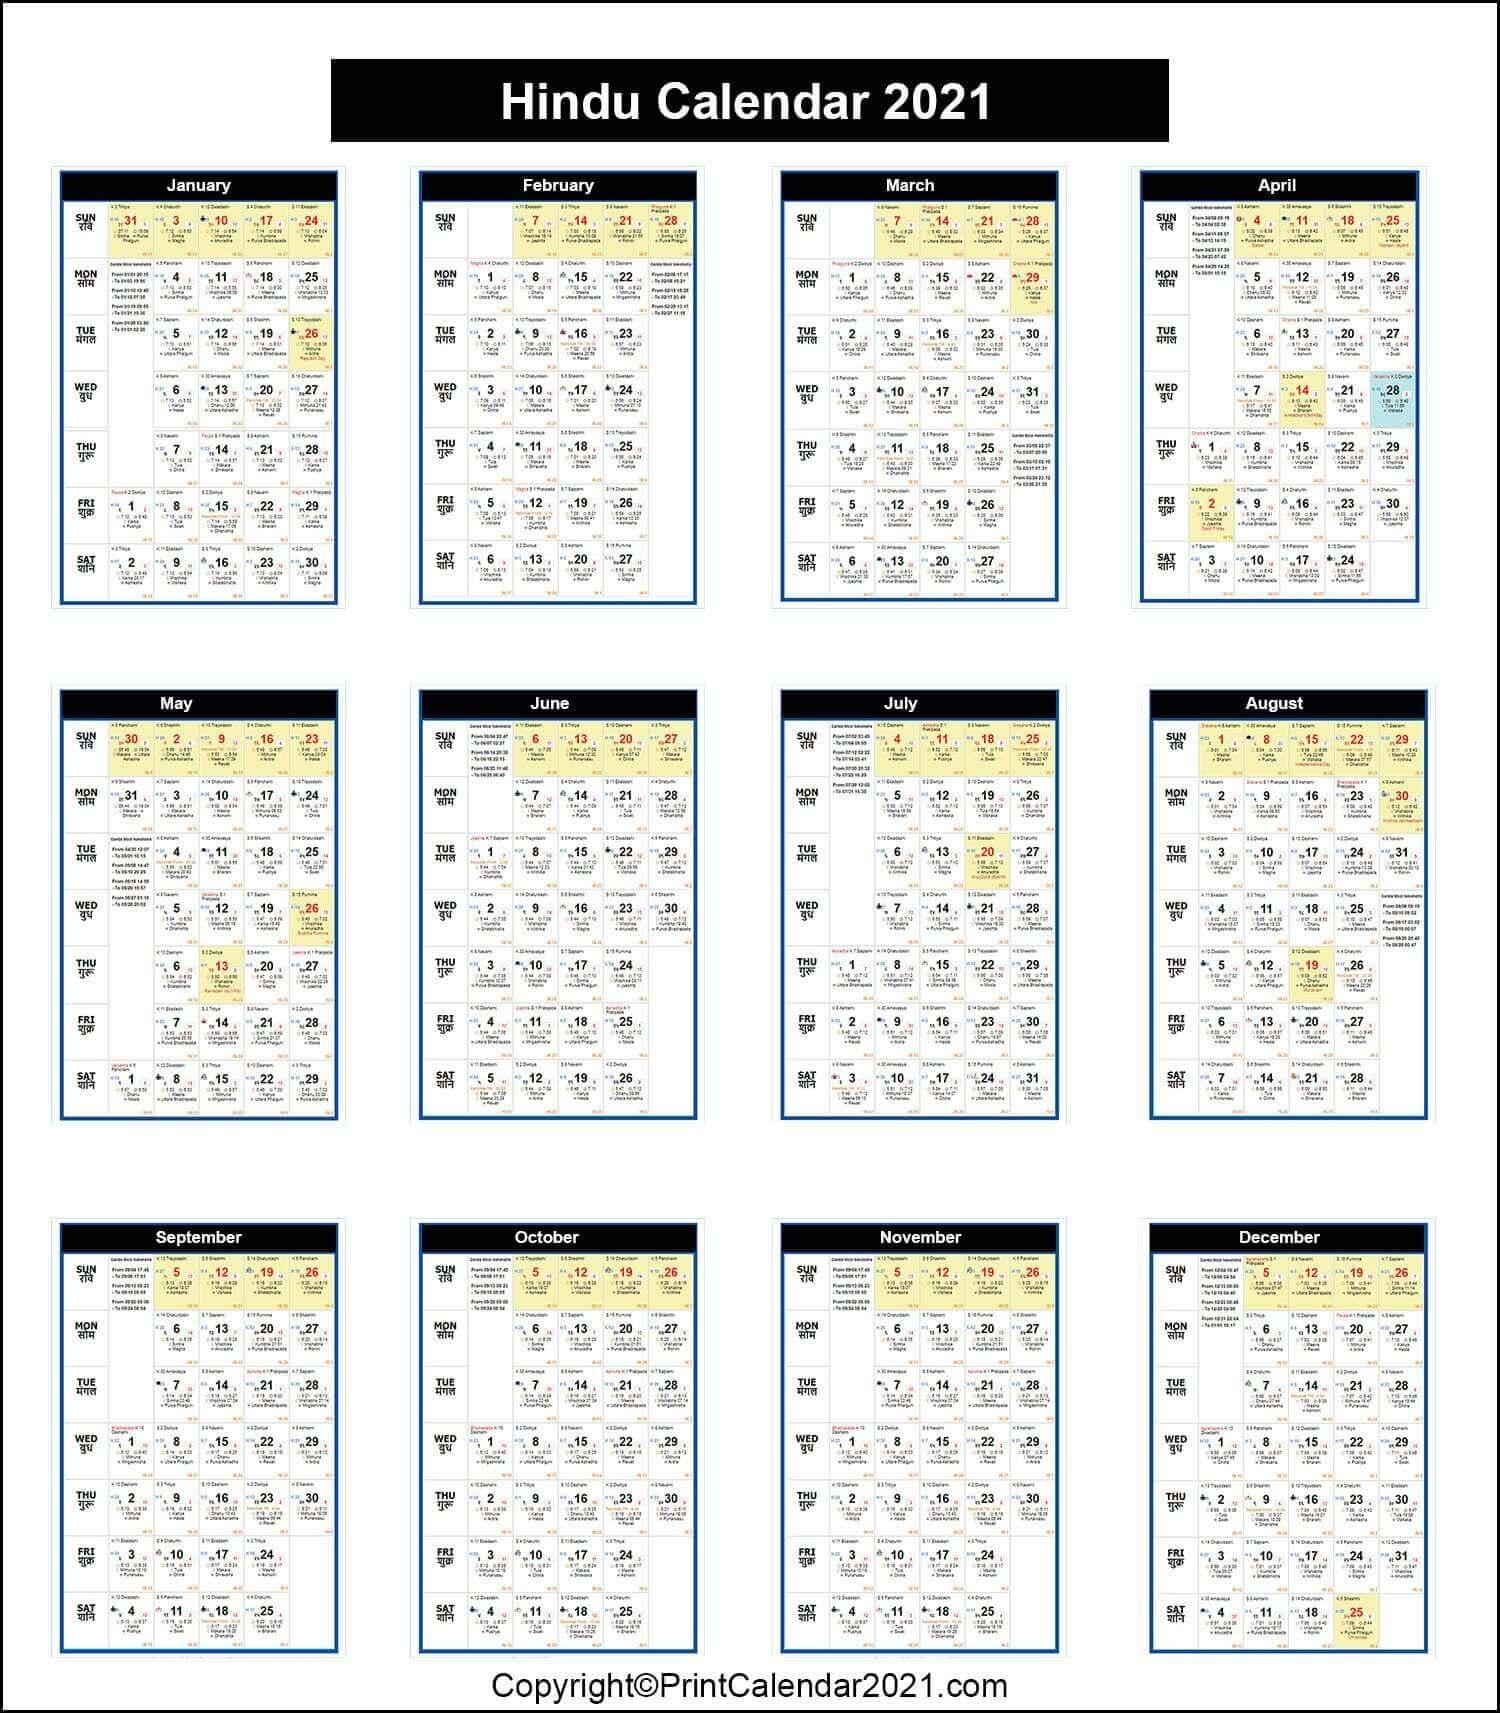 Hindu Calendar 2021 With Tithi [Panchang]